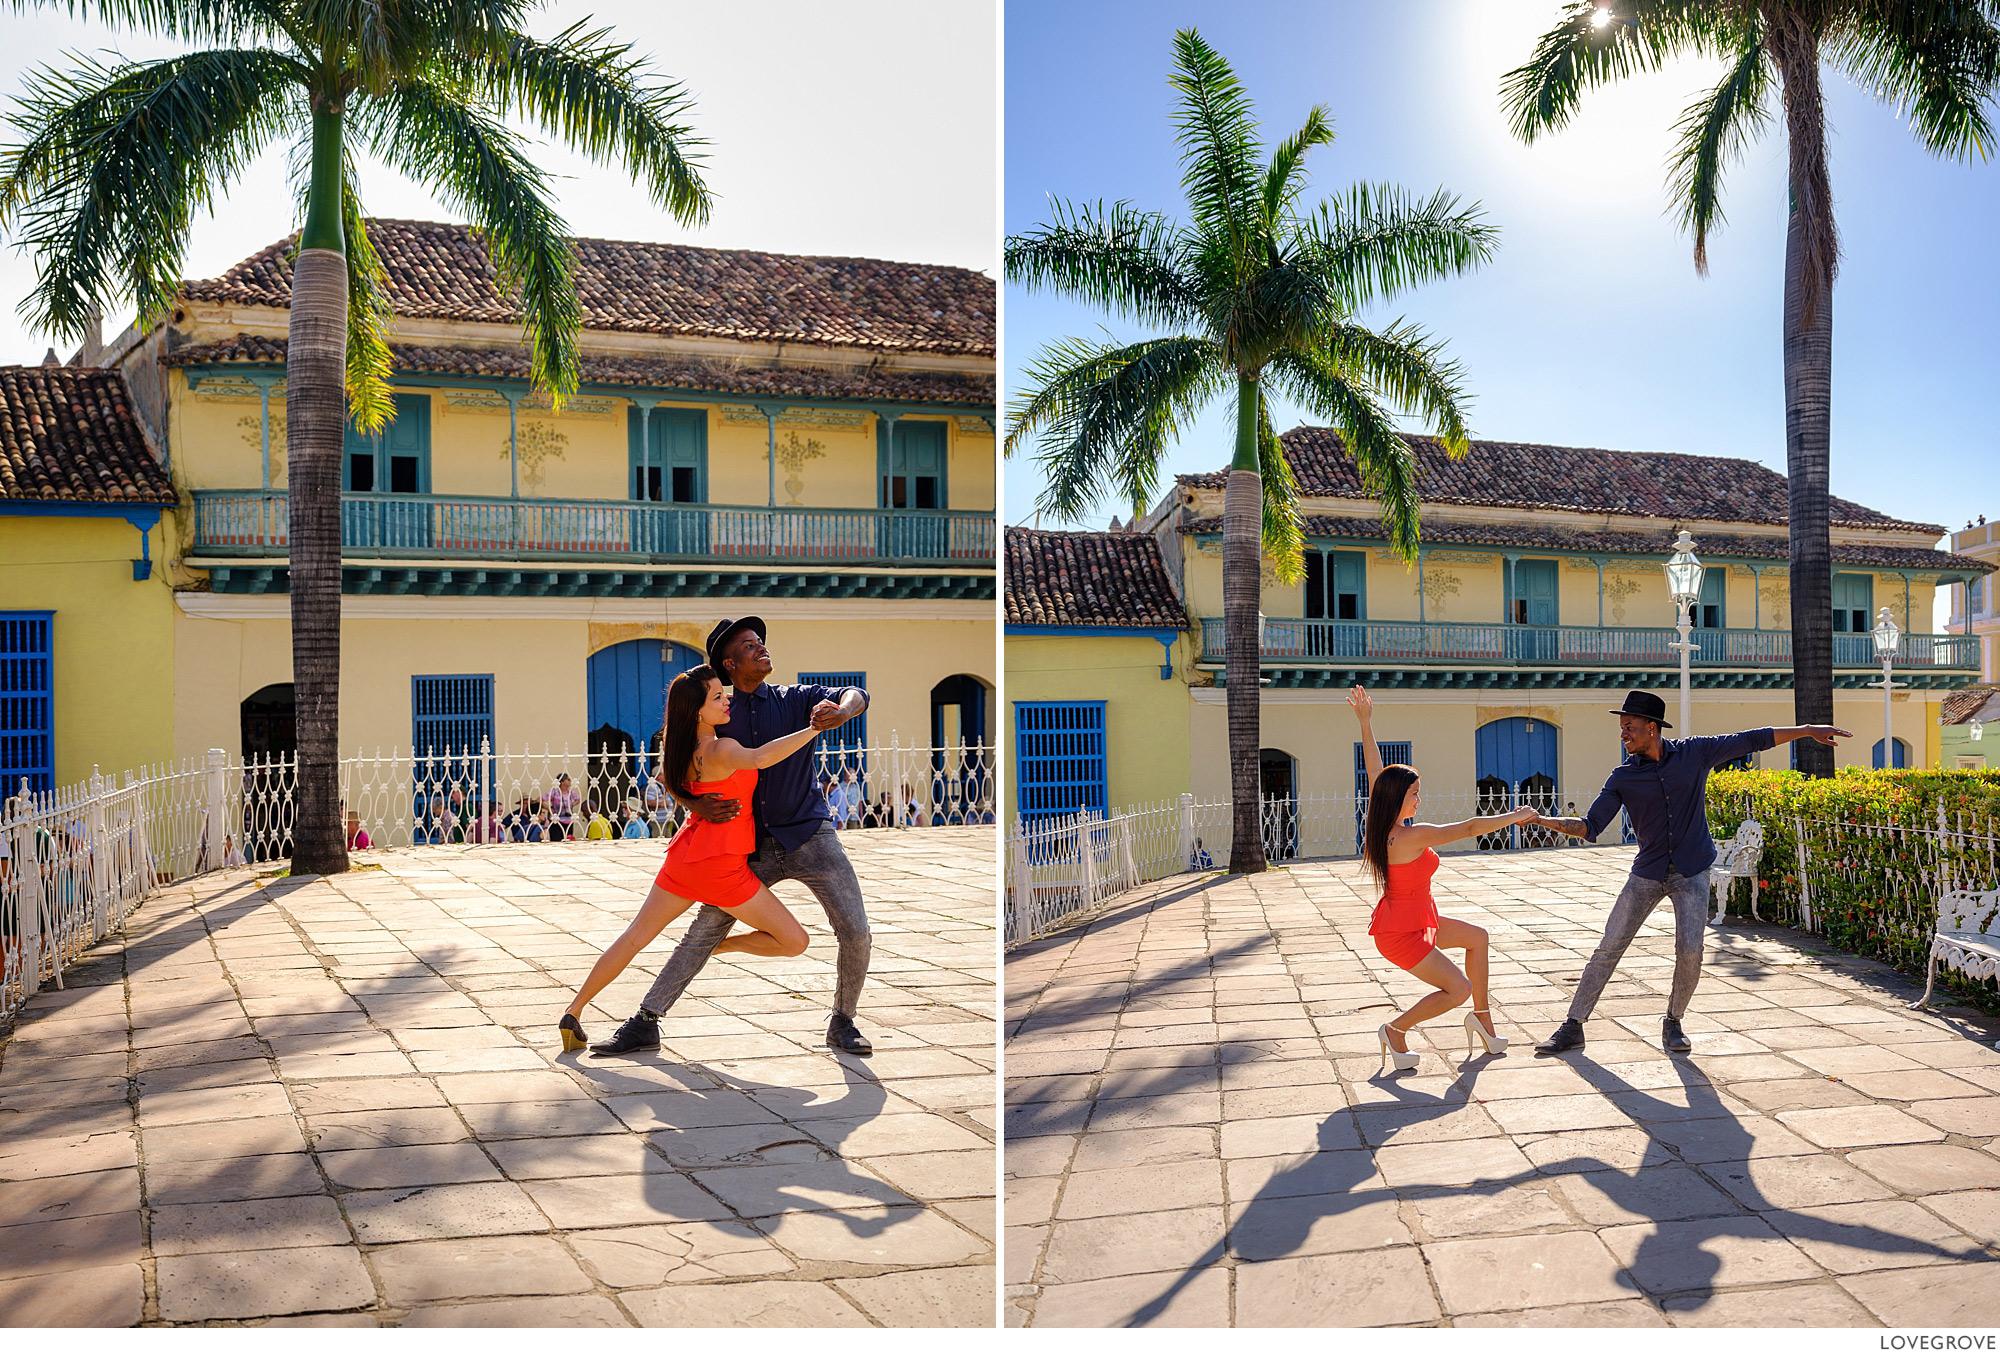 Salsa dancers in Trinidad Cuba